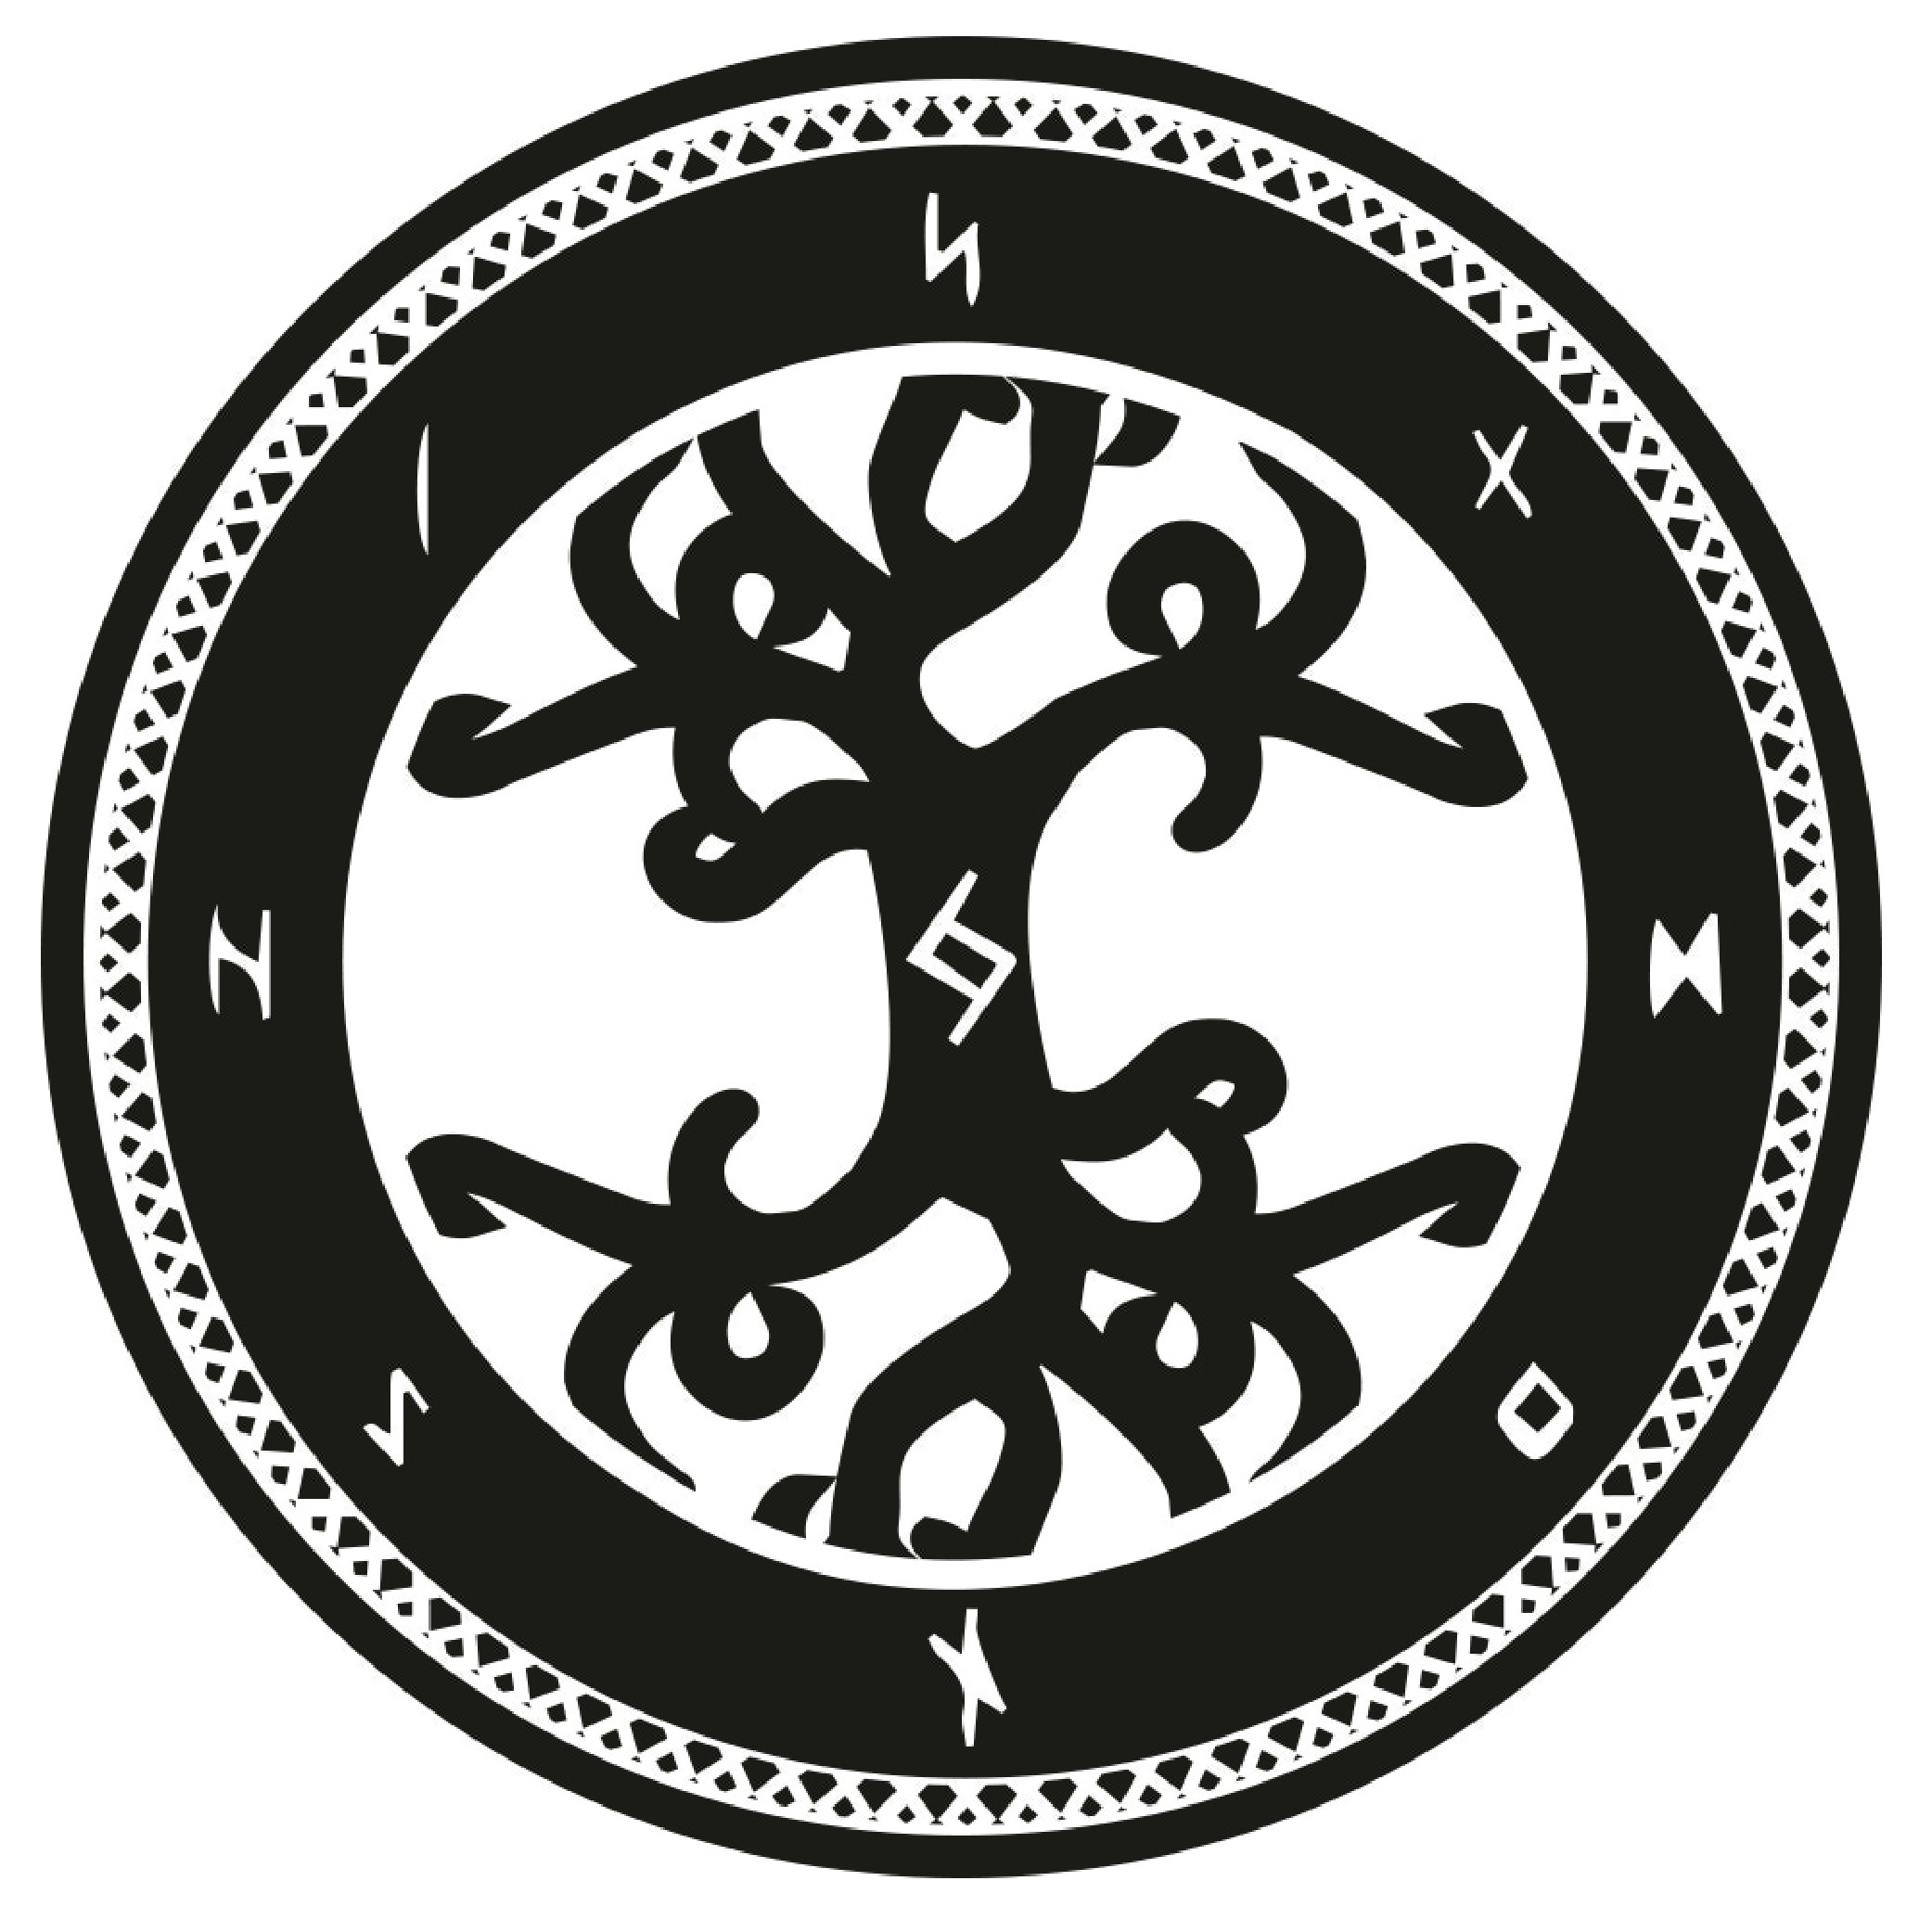 Norse Mythology Gaming Community Needs a Logo